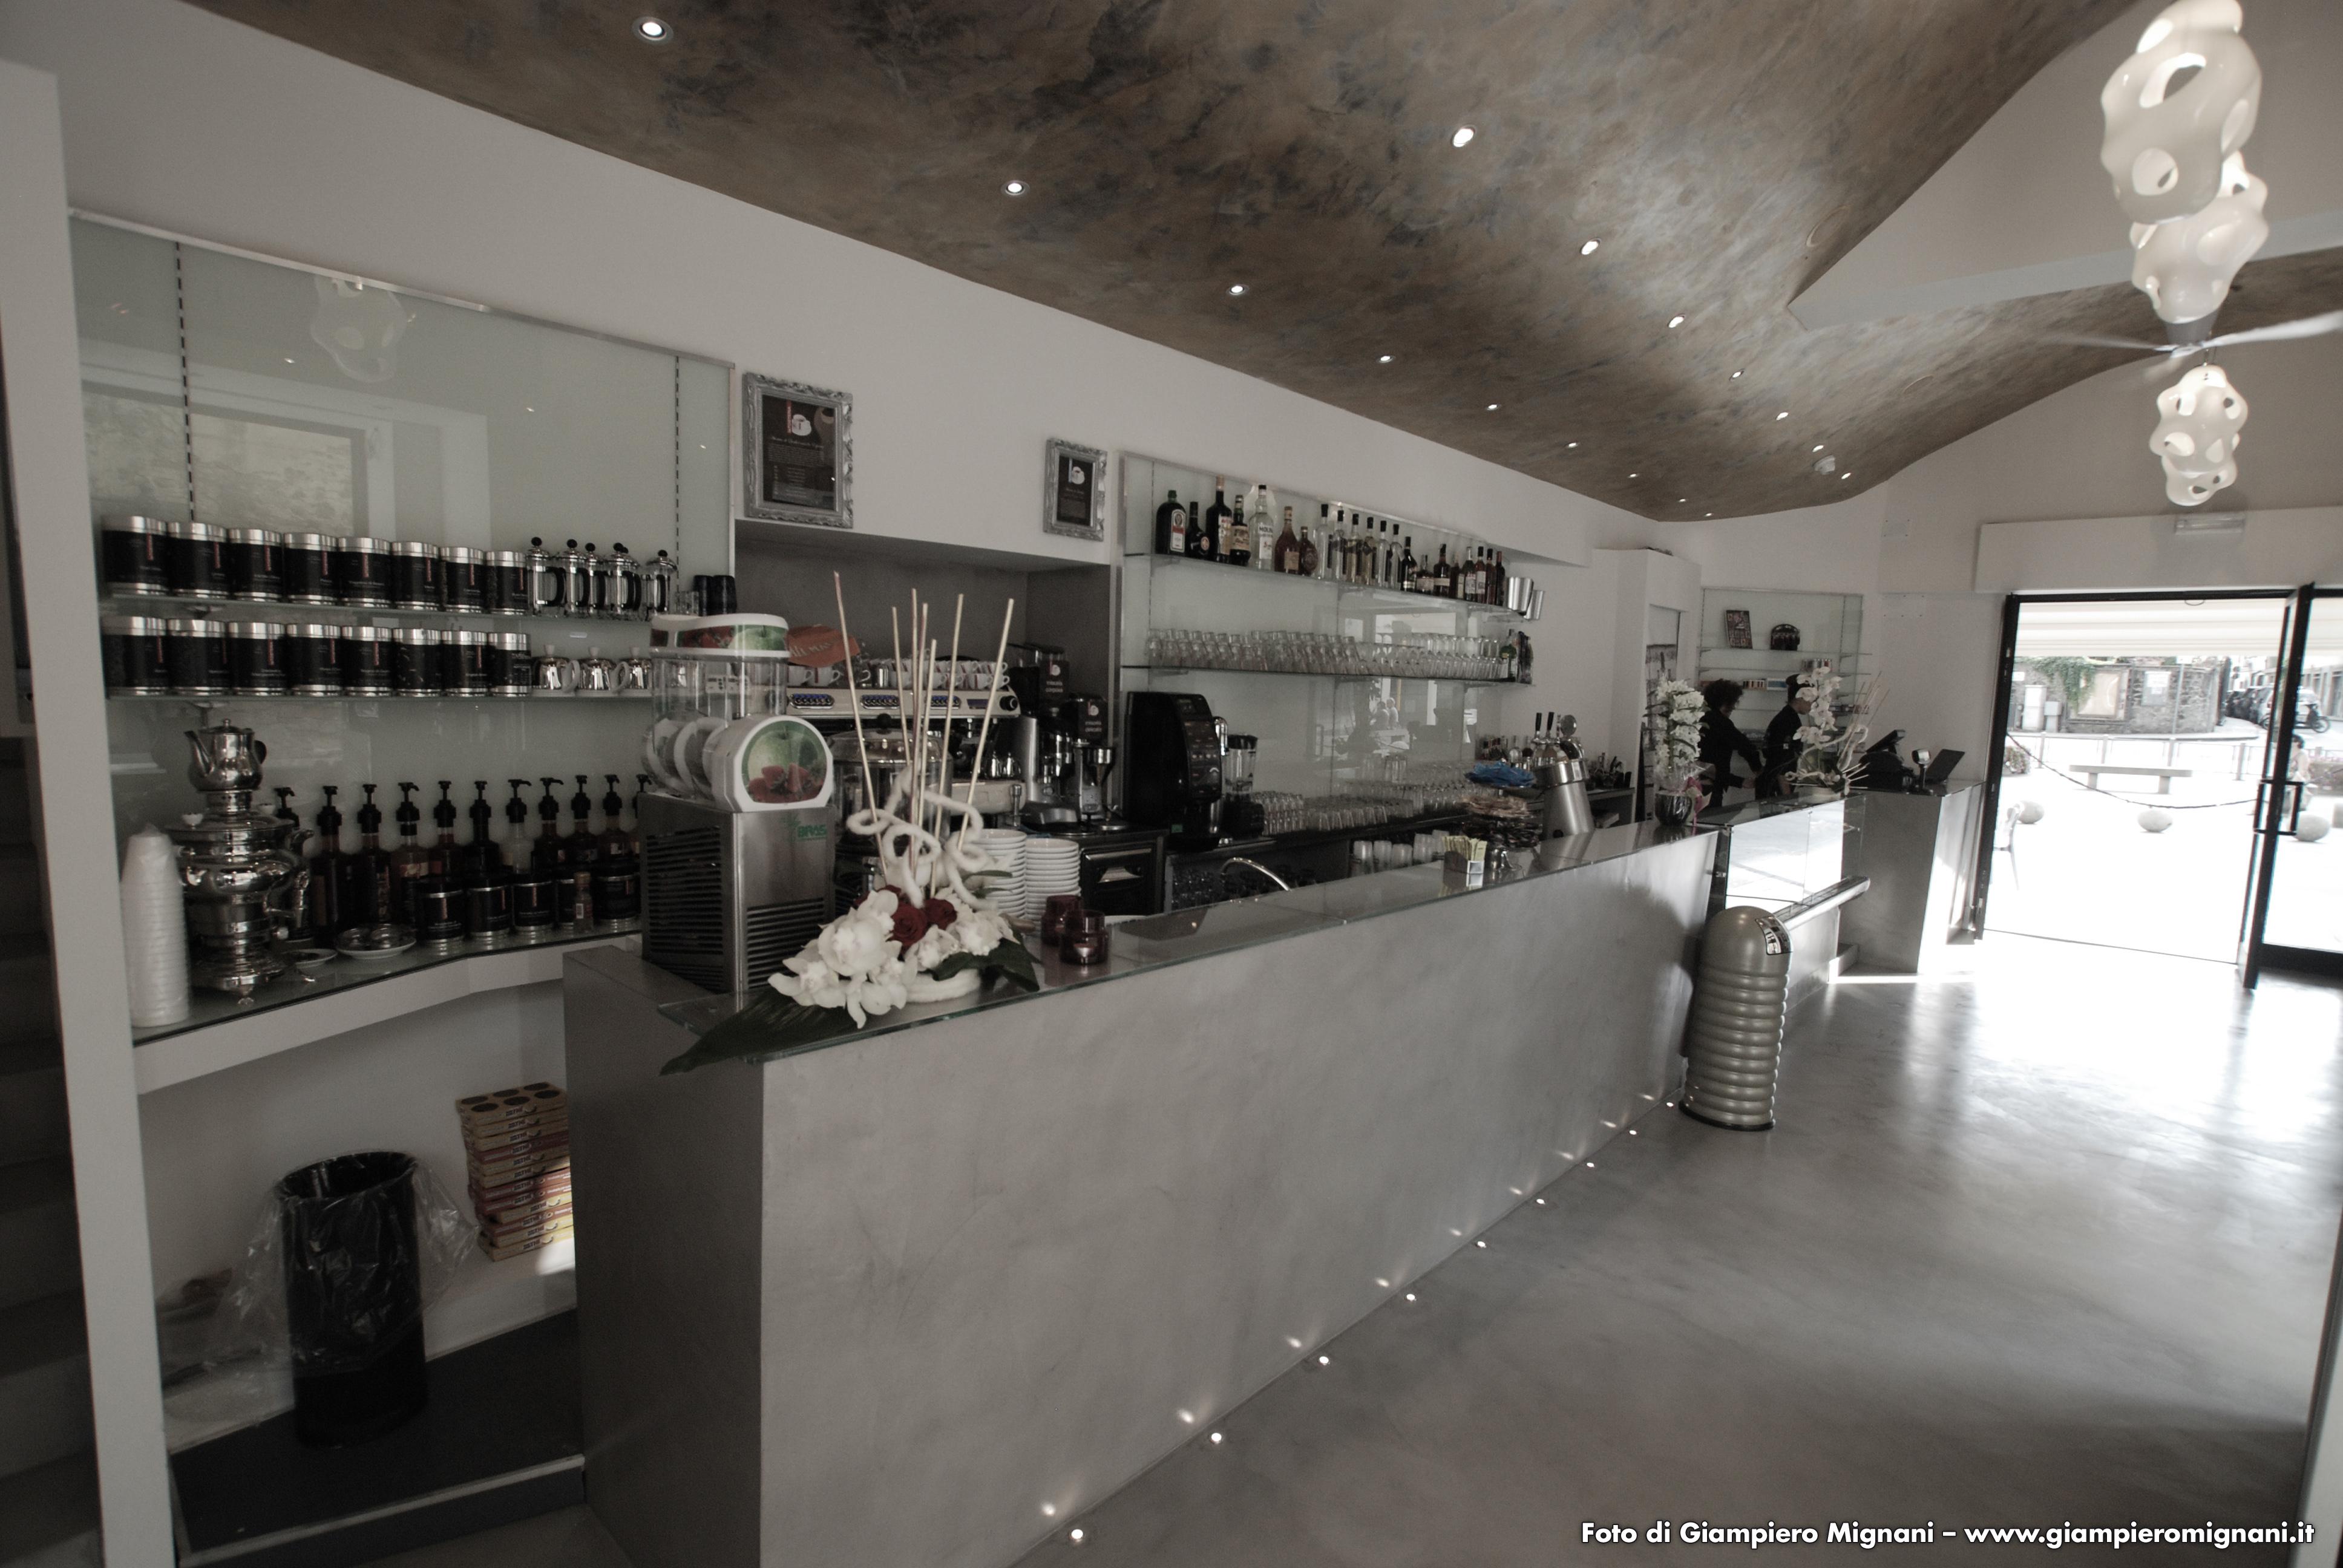 Controsoffitti in cartongesso salone moderno for Cartongesso salone moderno